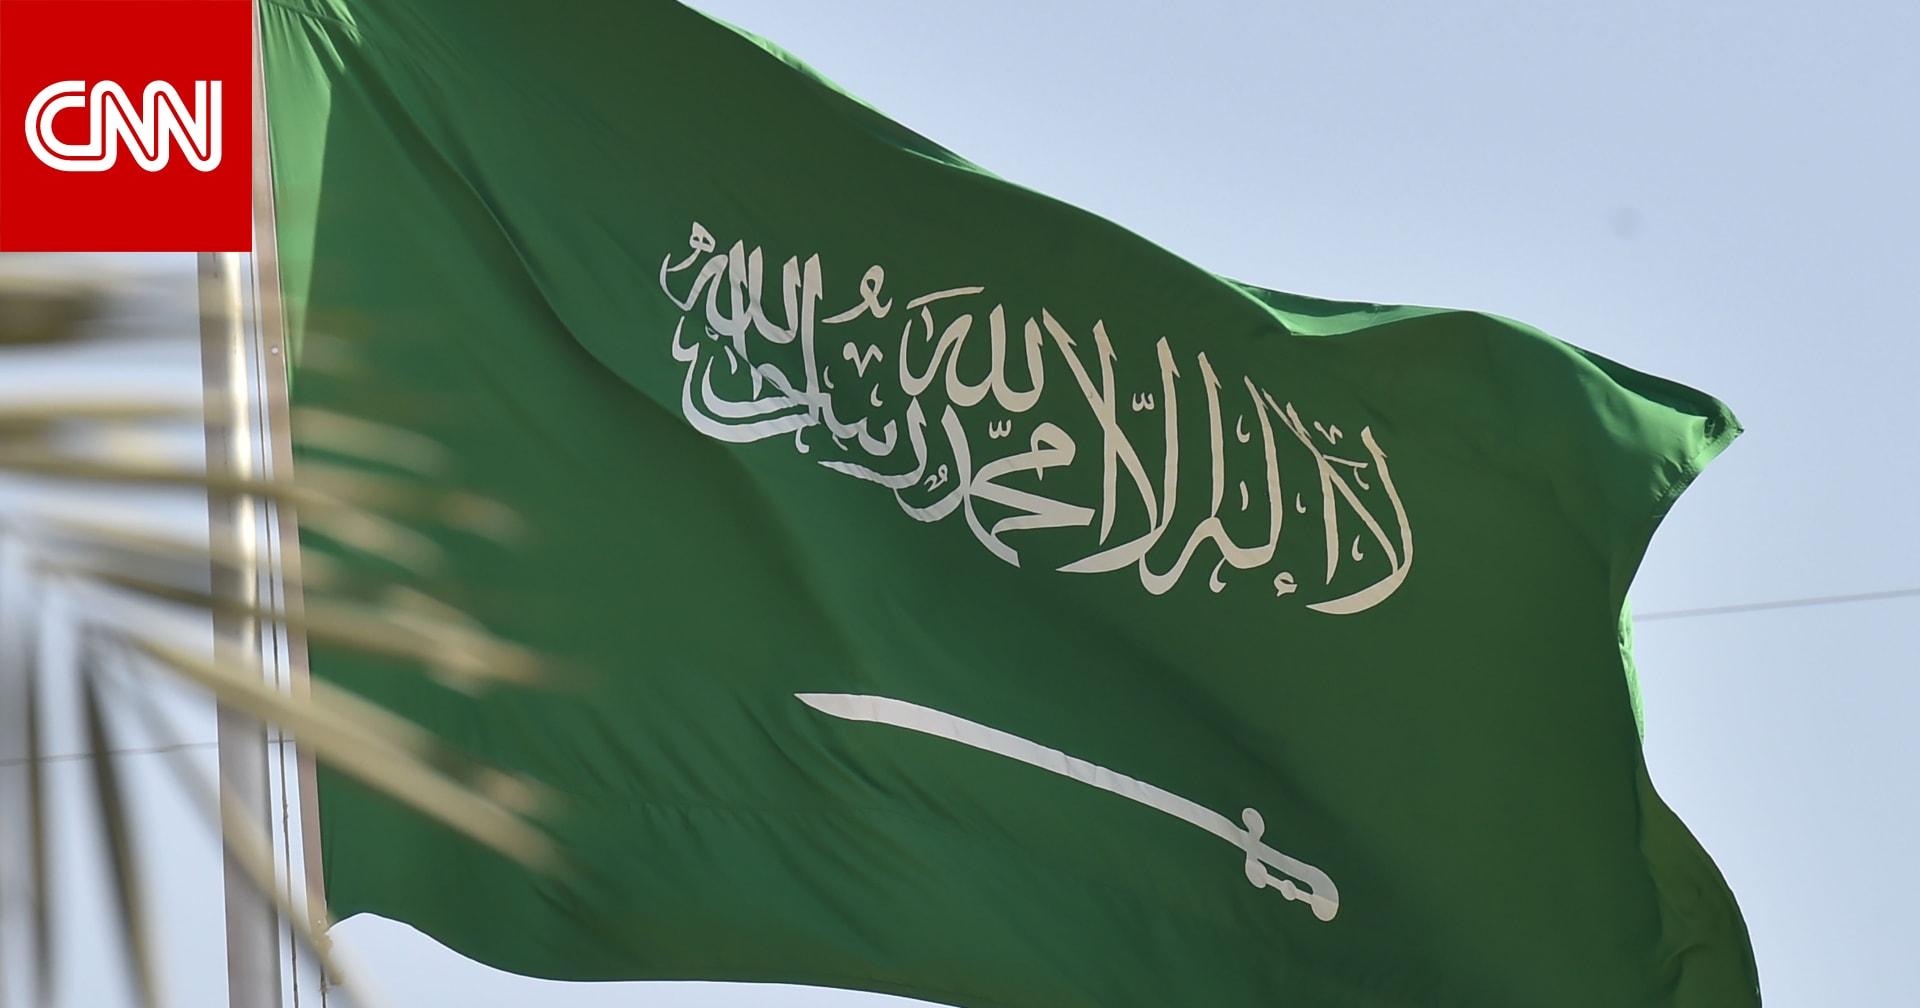 """إعلان عن """"وظيفة للرجال فقط"""" بالسعودية يثير ضجة.. والحكومة ترد"""